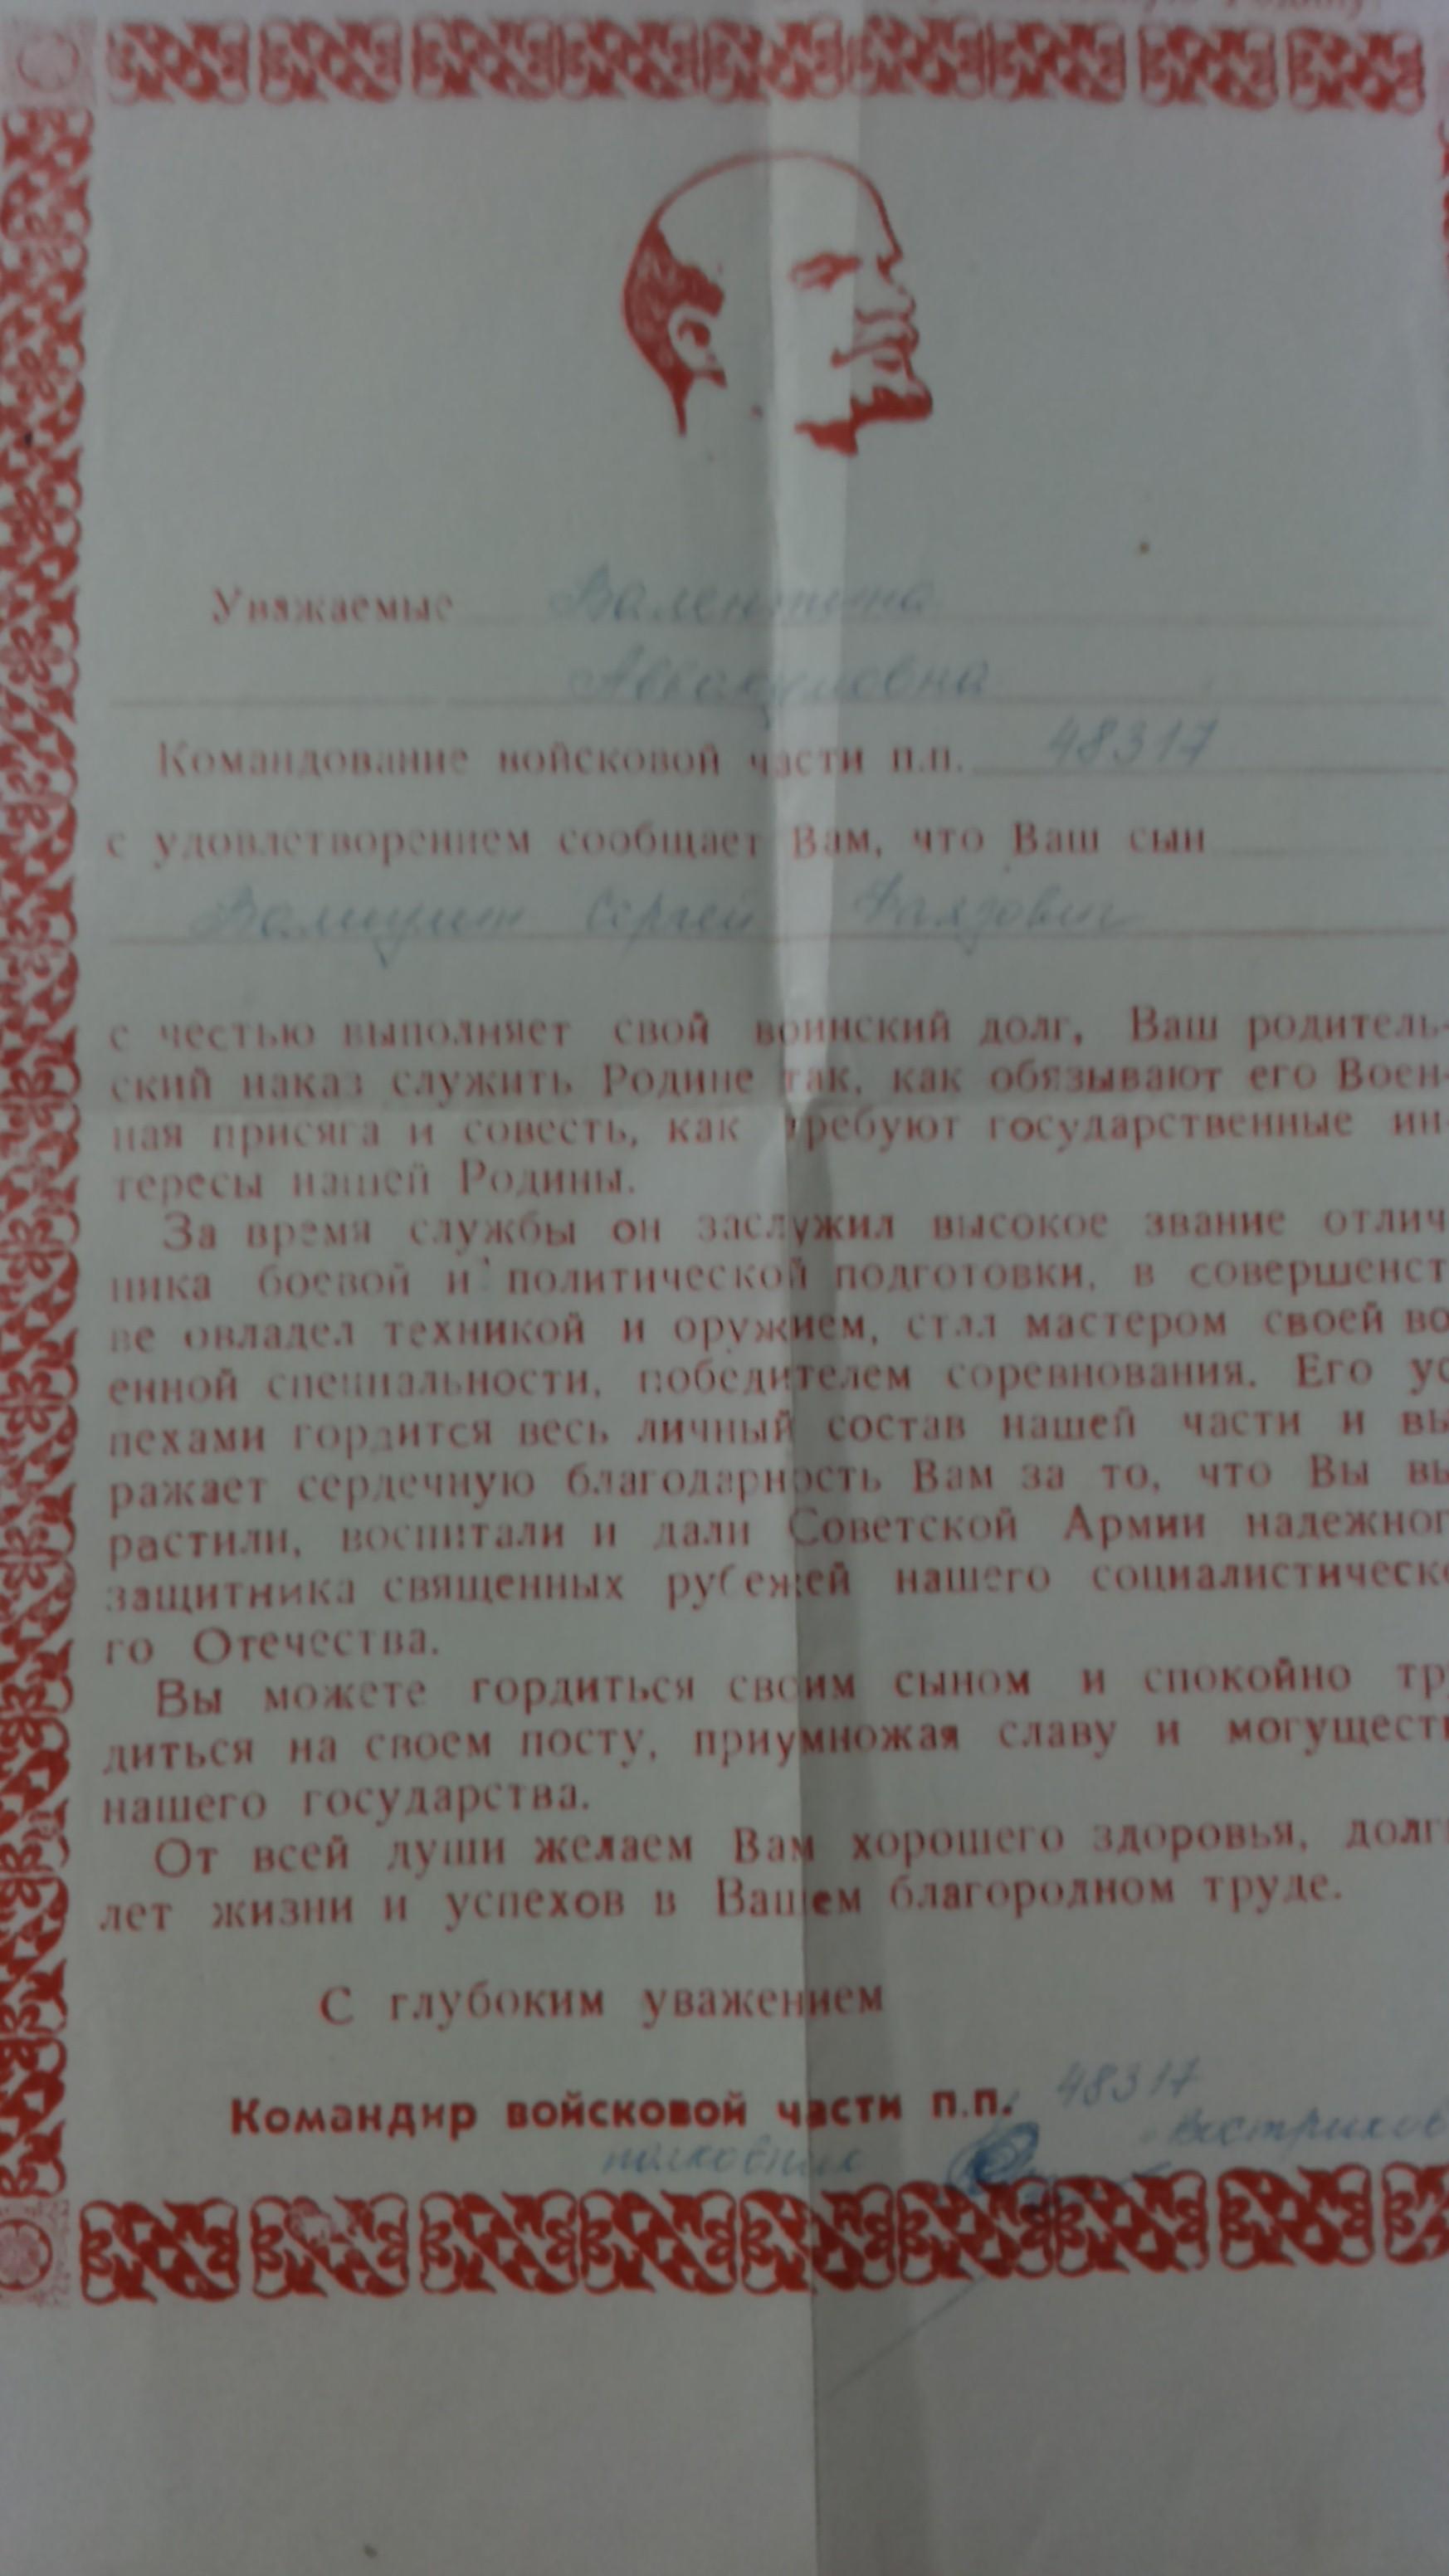 http://s2.uploads.ru/wWjZt.jpg